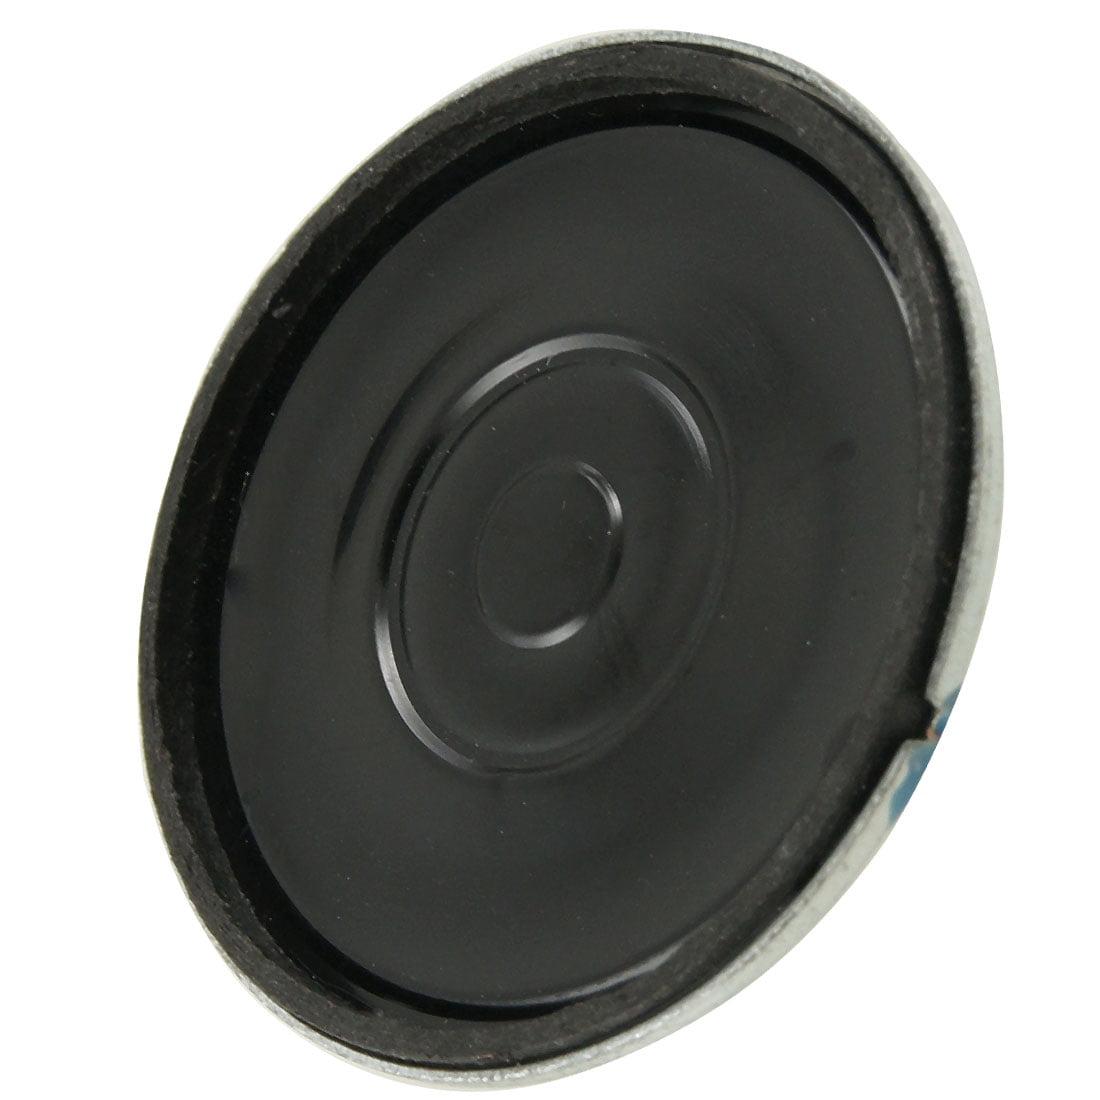 Auto Car Audio 1W 8 Ohm 36mm Diameter Midrange Speaker